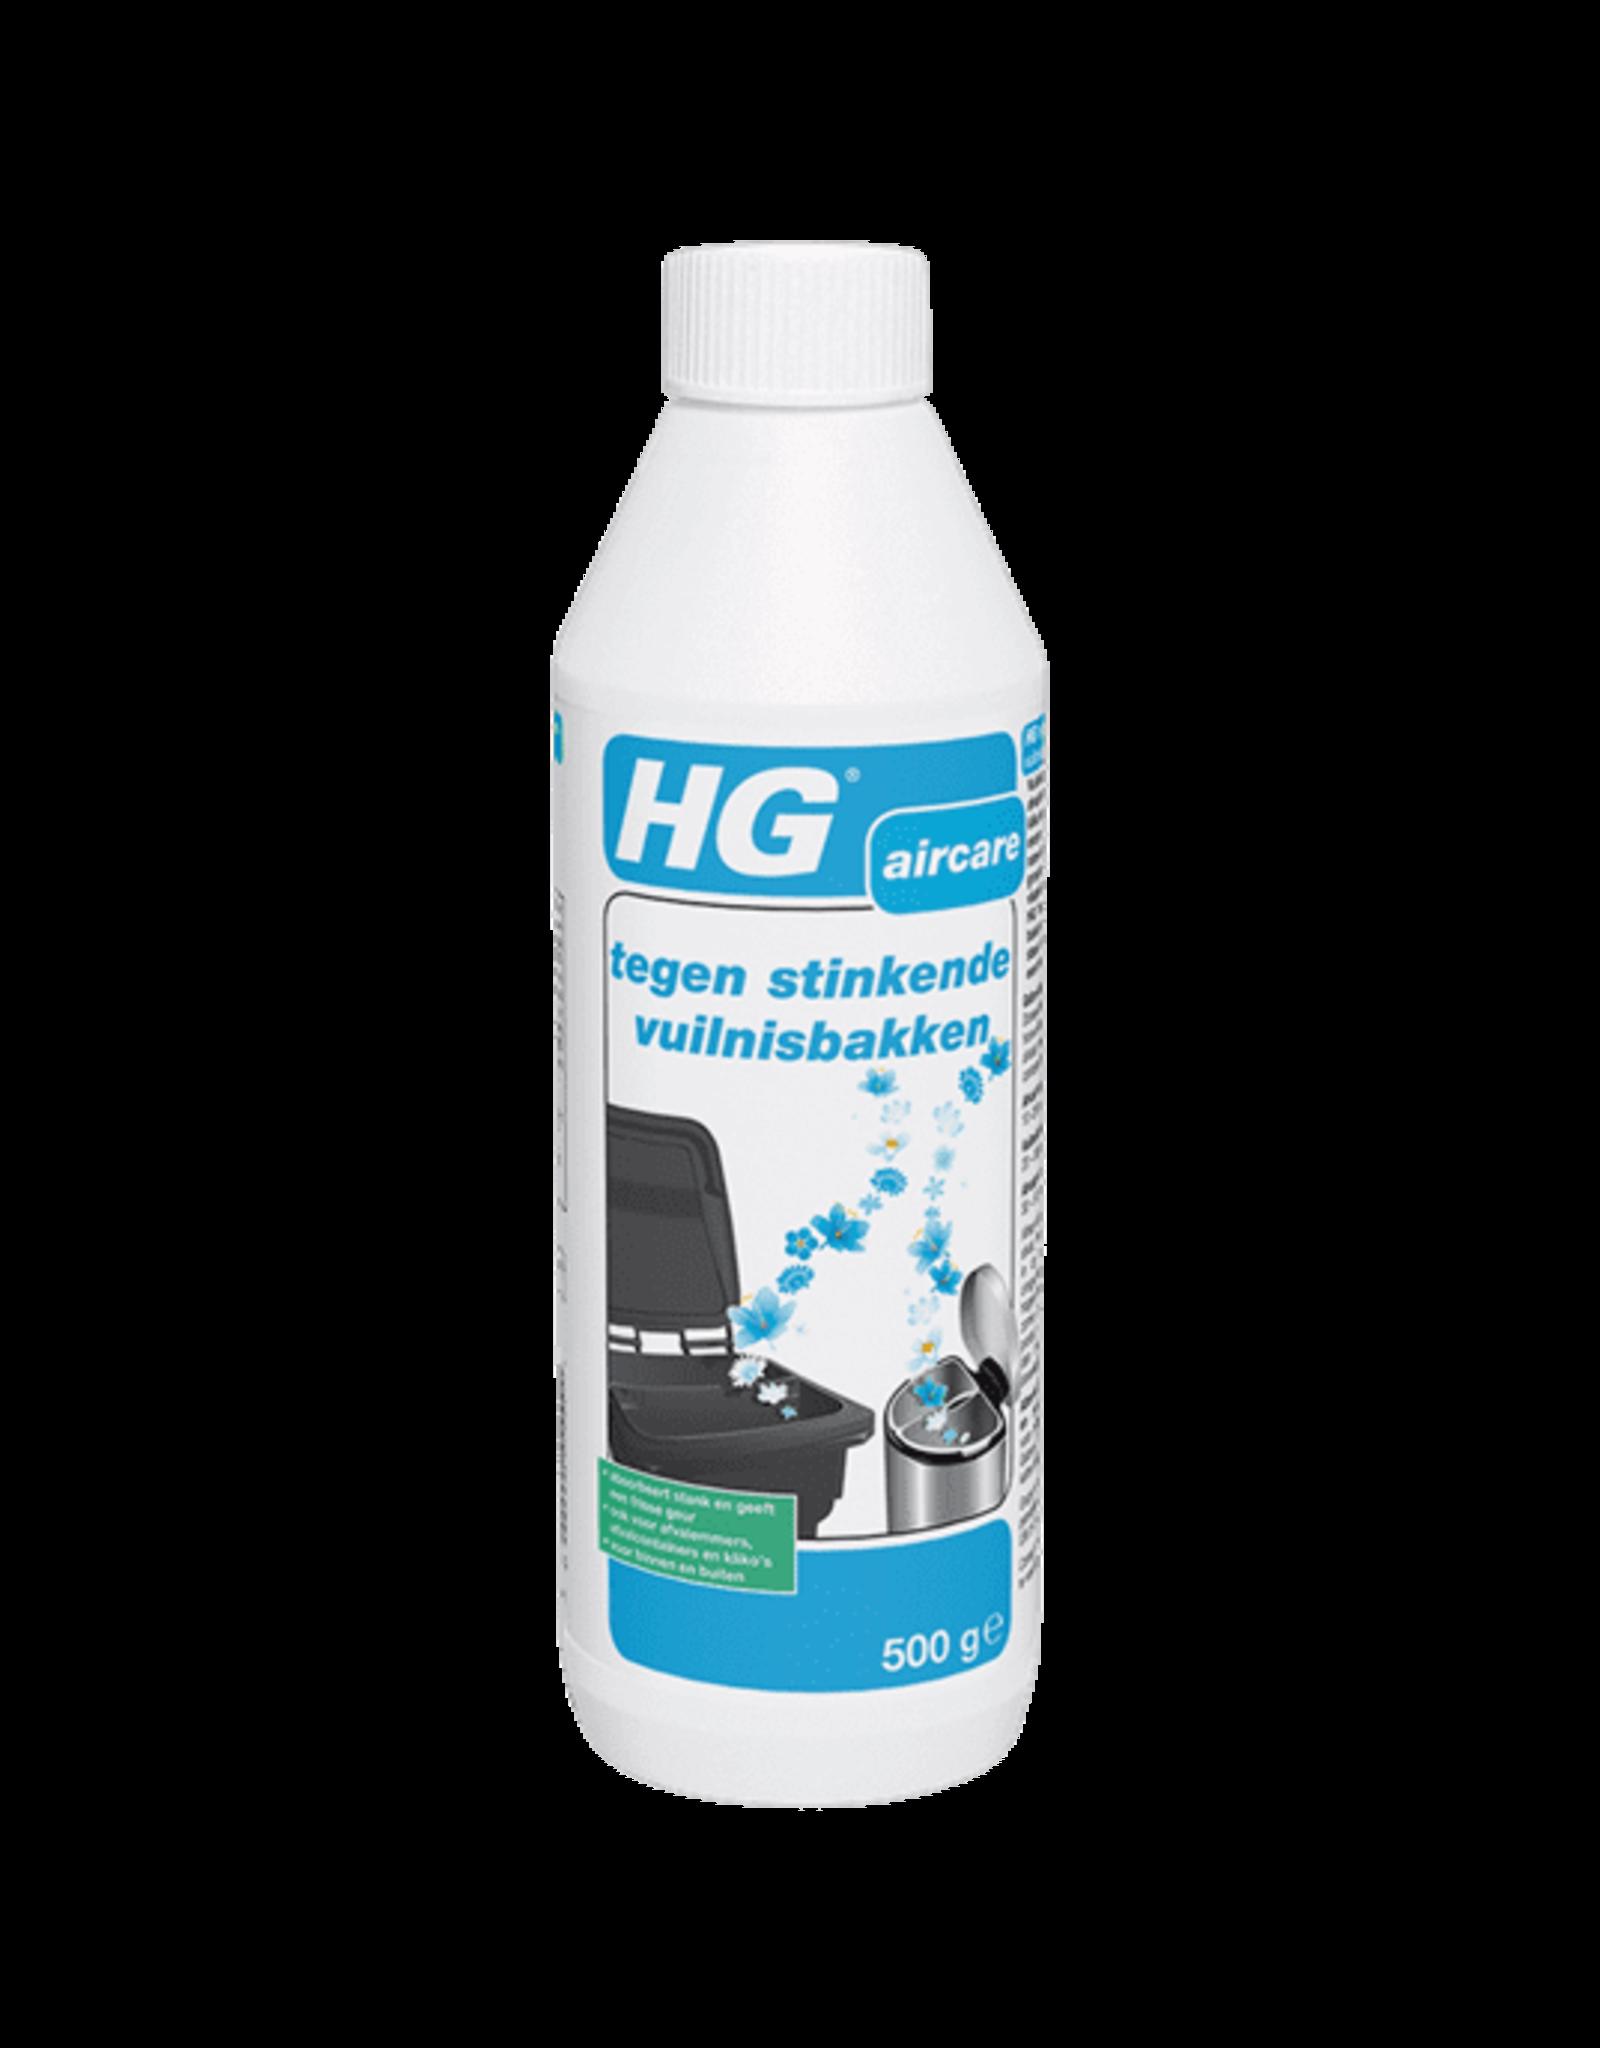 HG HG Tegen Stinkende Vuilnisbakken 500ML